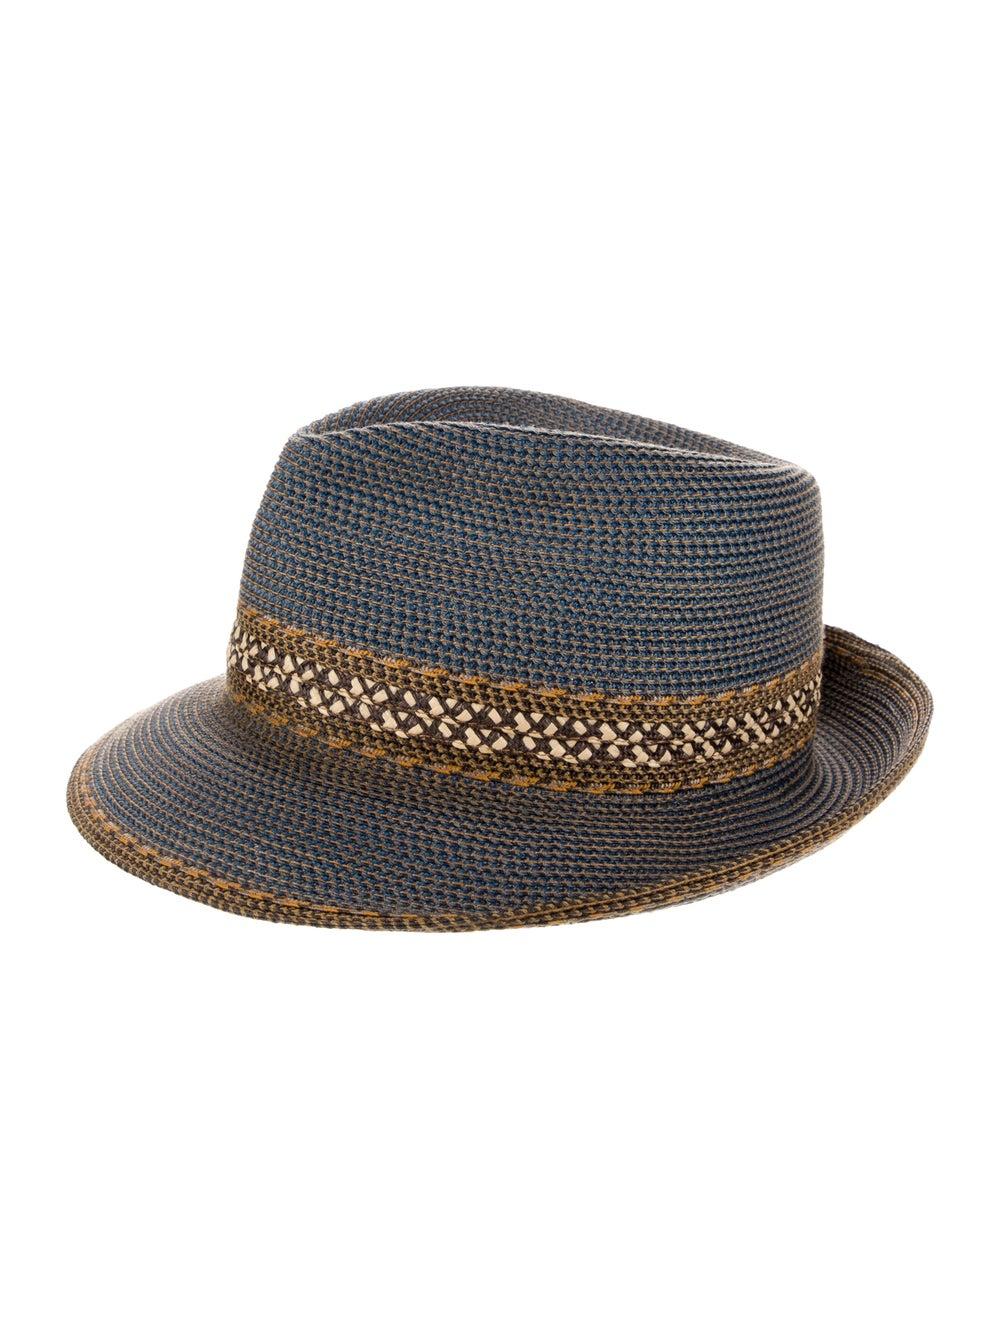 Eric Javits Straw Fedora Hat Blue - image 1